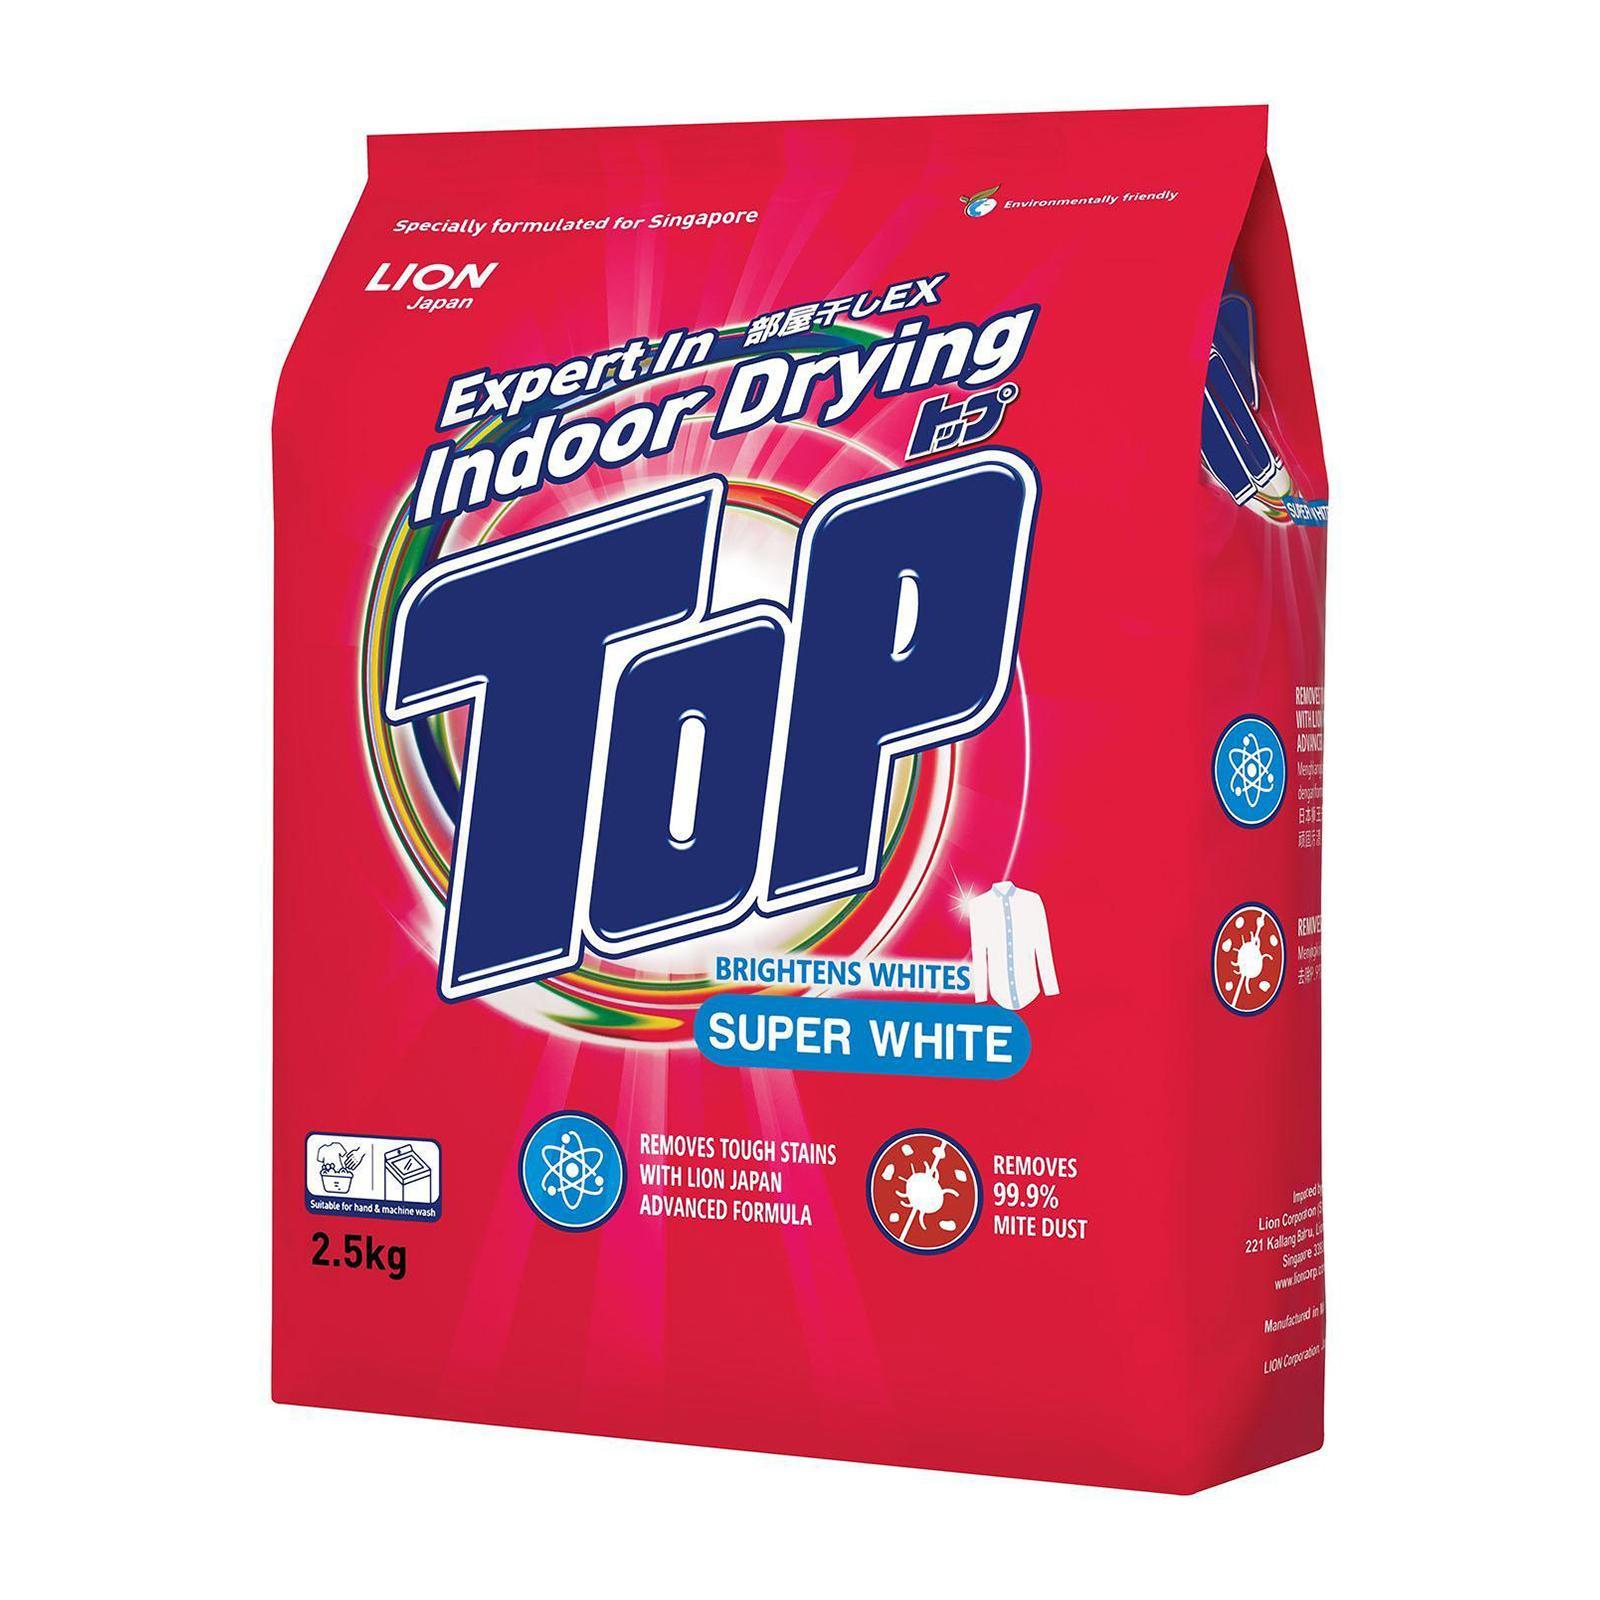 TOP Powder Detergent - Super White 2.5kg